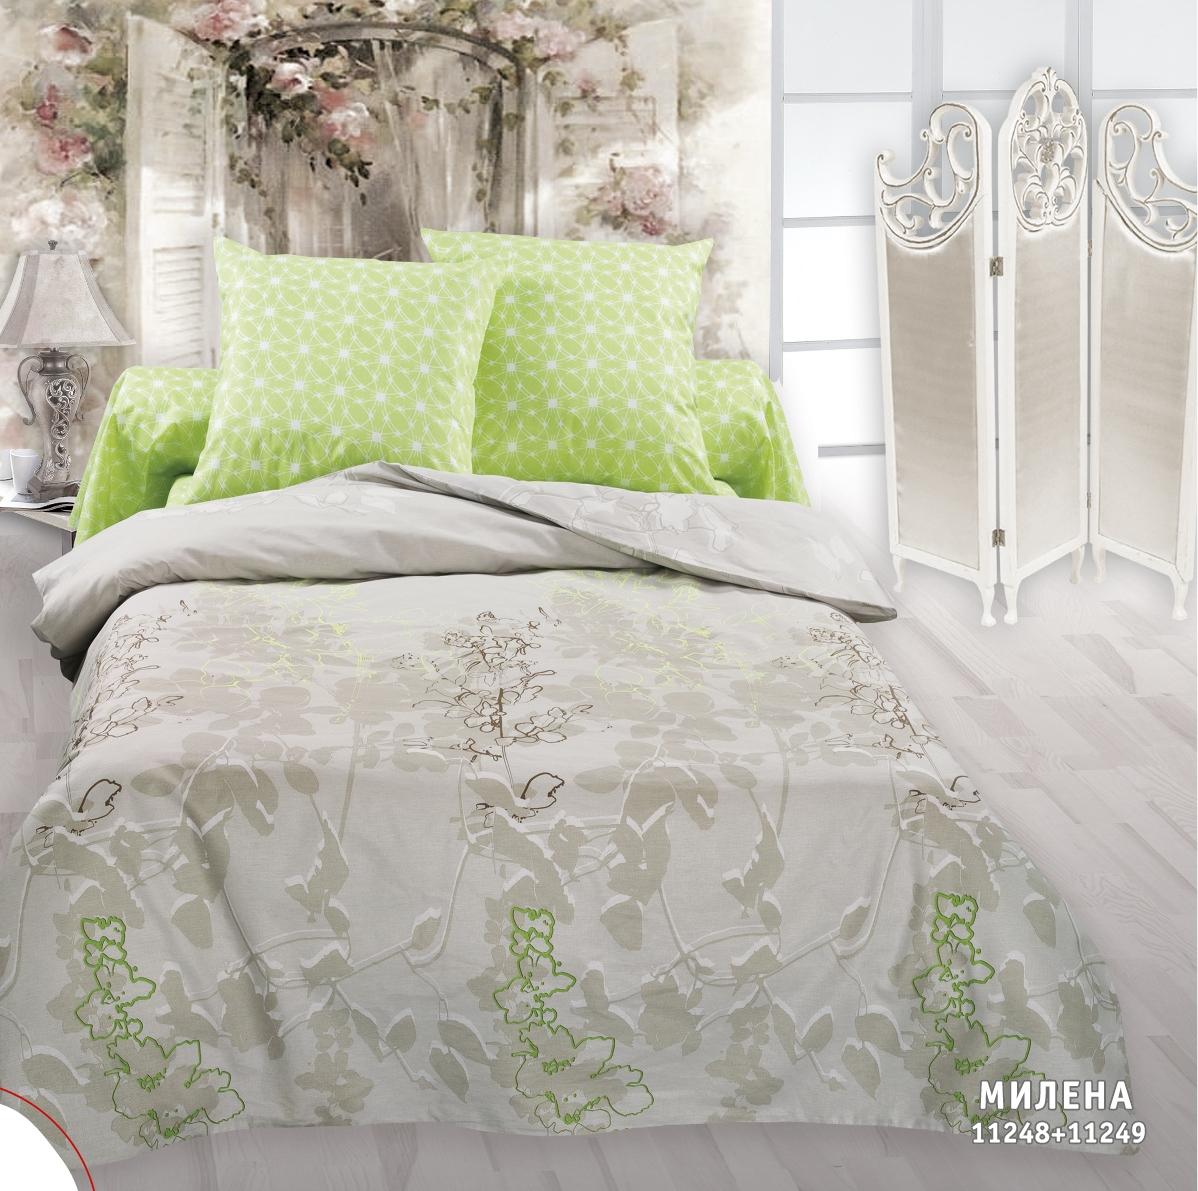 Комплект белья Унисон Милена, 1,5 спальное, наволочки 70 x 70, цвет: серый. 239682239682